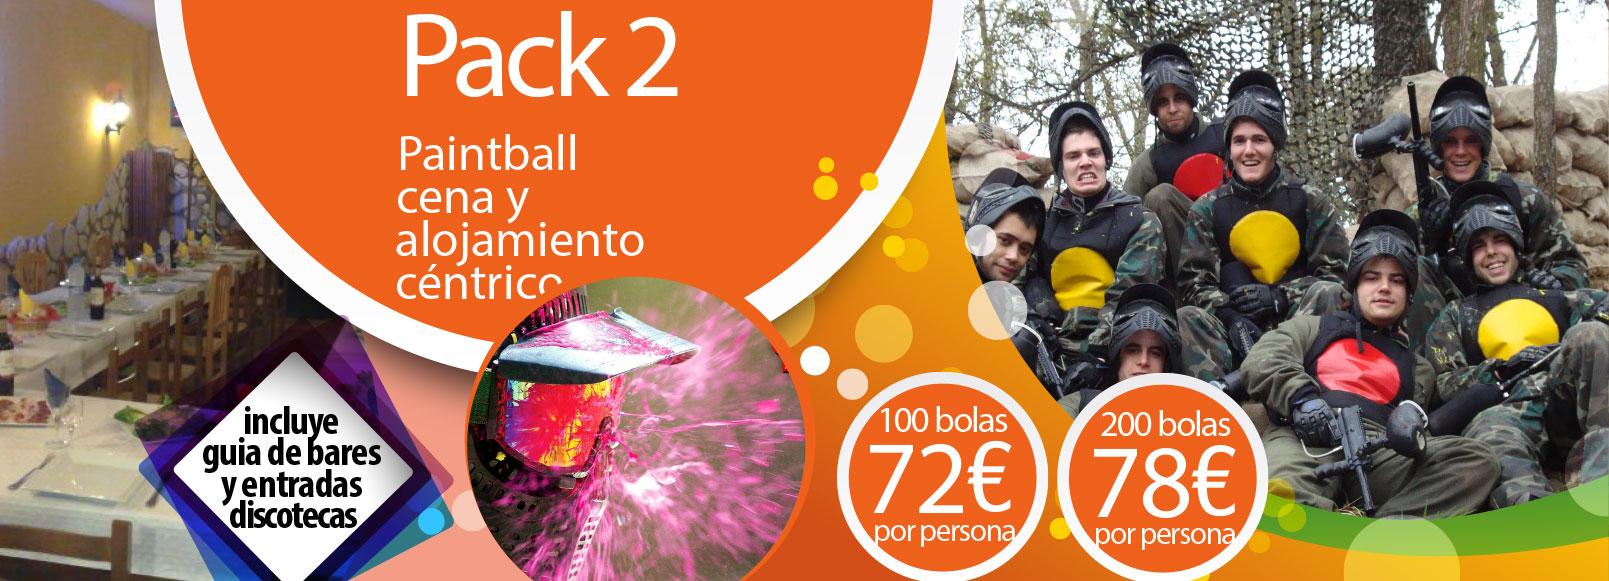 Pack 2: Paintball, cena y alojamiento céntrico